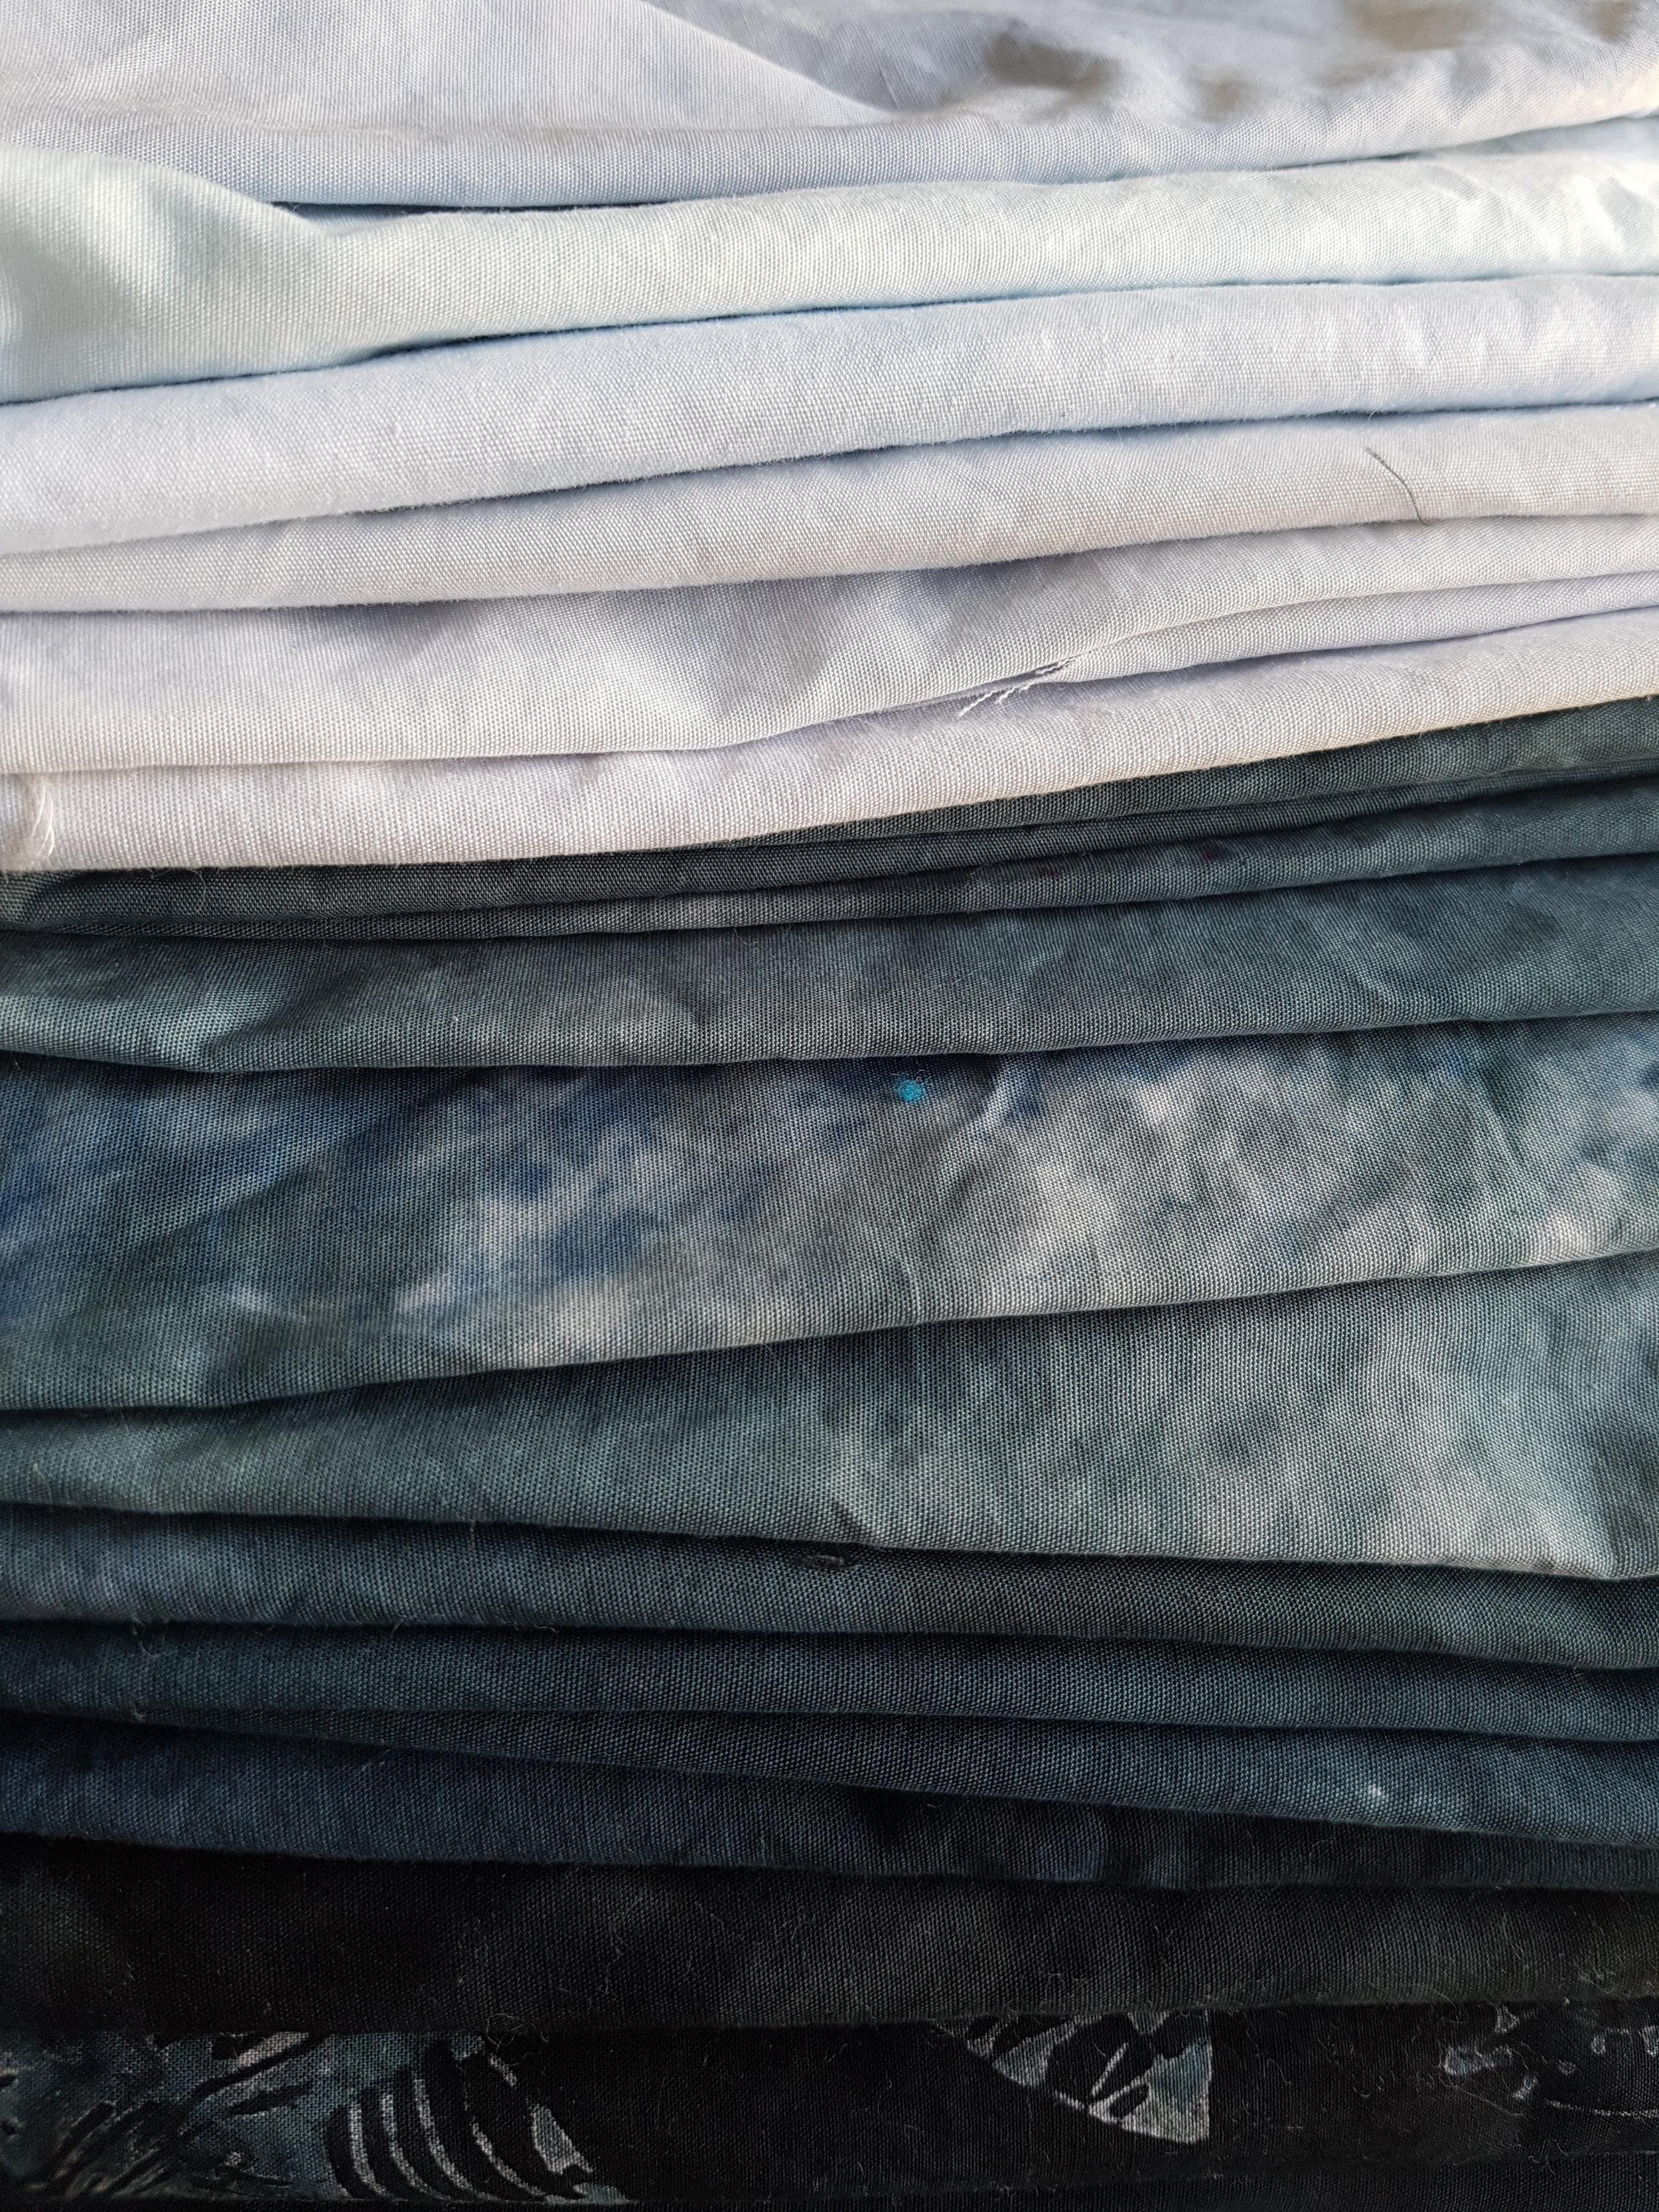 greys, whites, blacks...palette